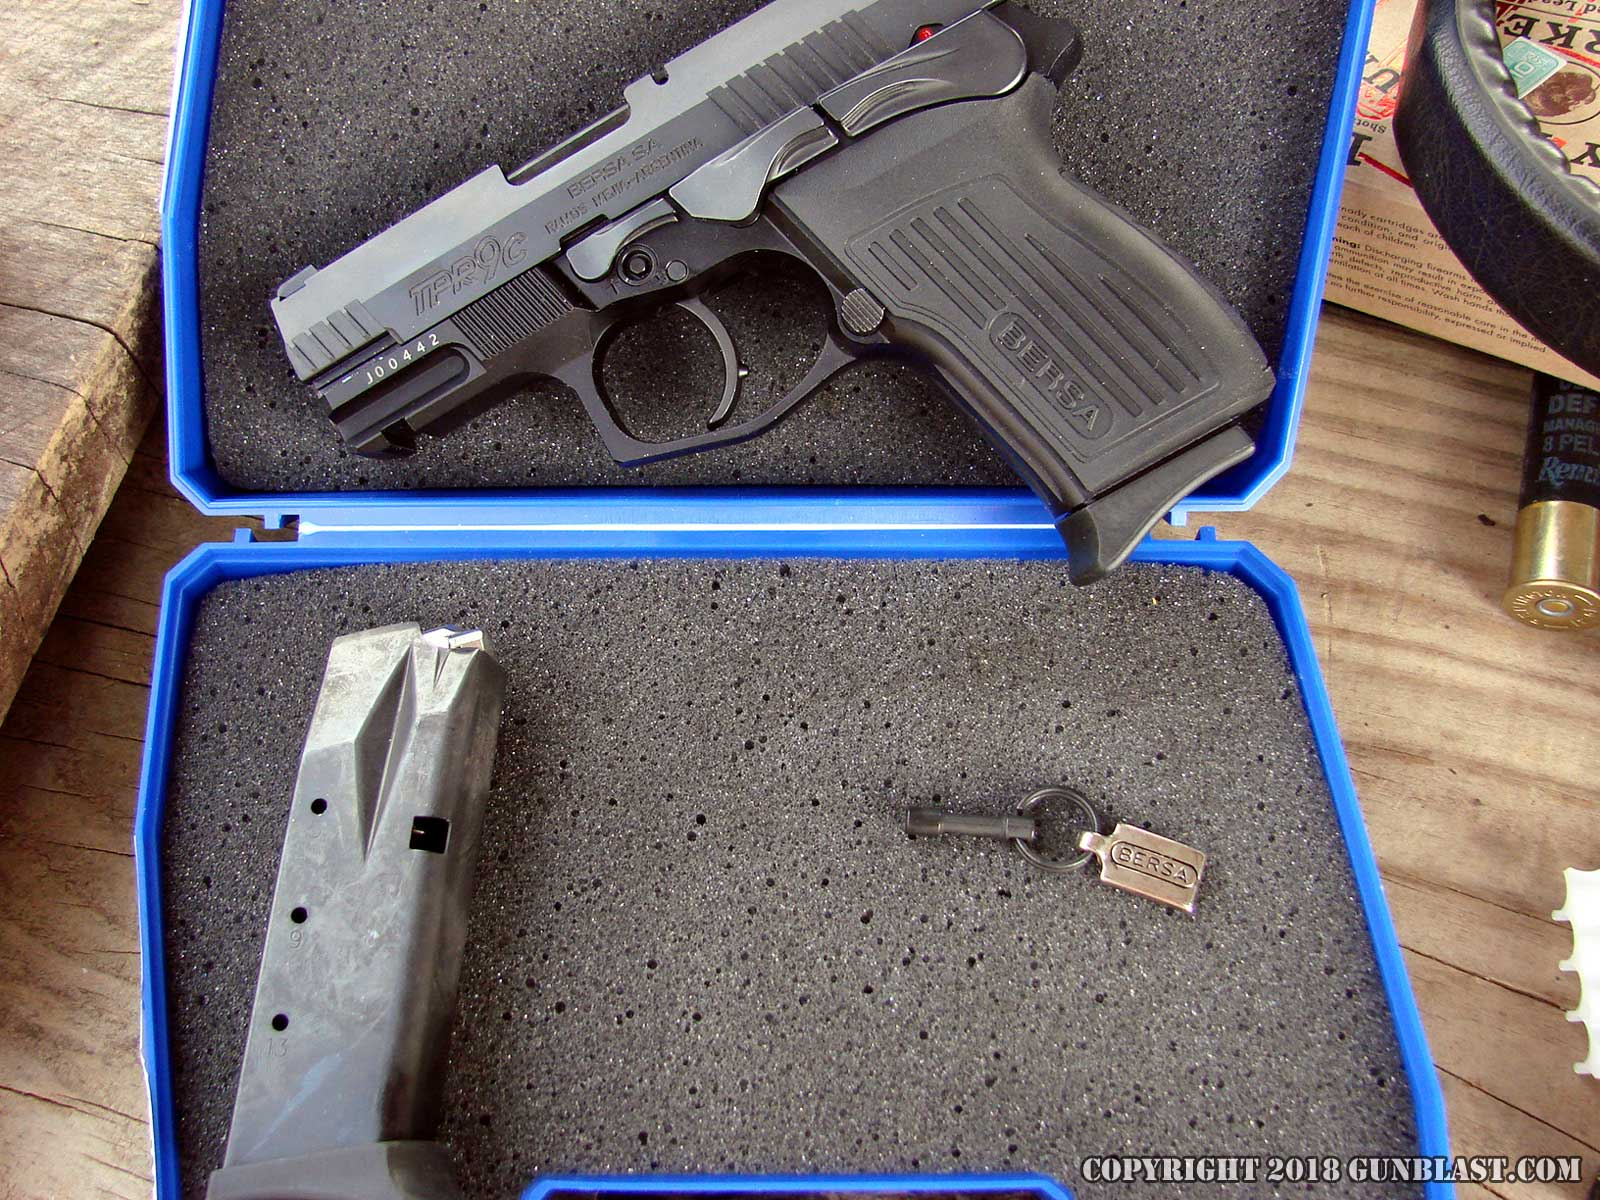 Bersa TPR9c 9x19mm Semi-Automatic Pistol